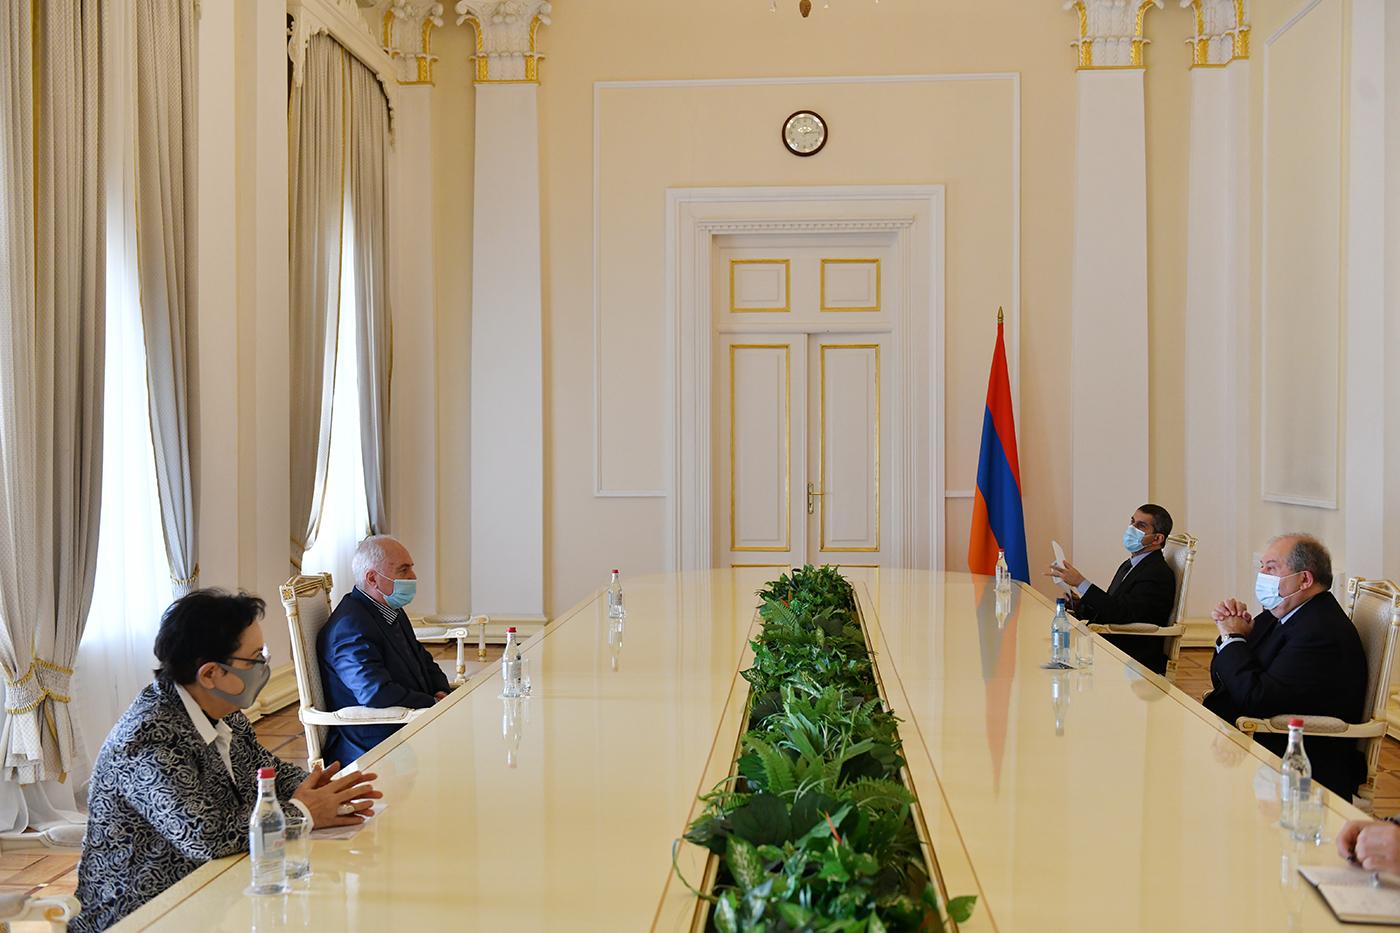 Photo of Հանրապետության նախագահ Արմեն Սարգսյանը շարունակում է խորհրդակցությունները